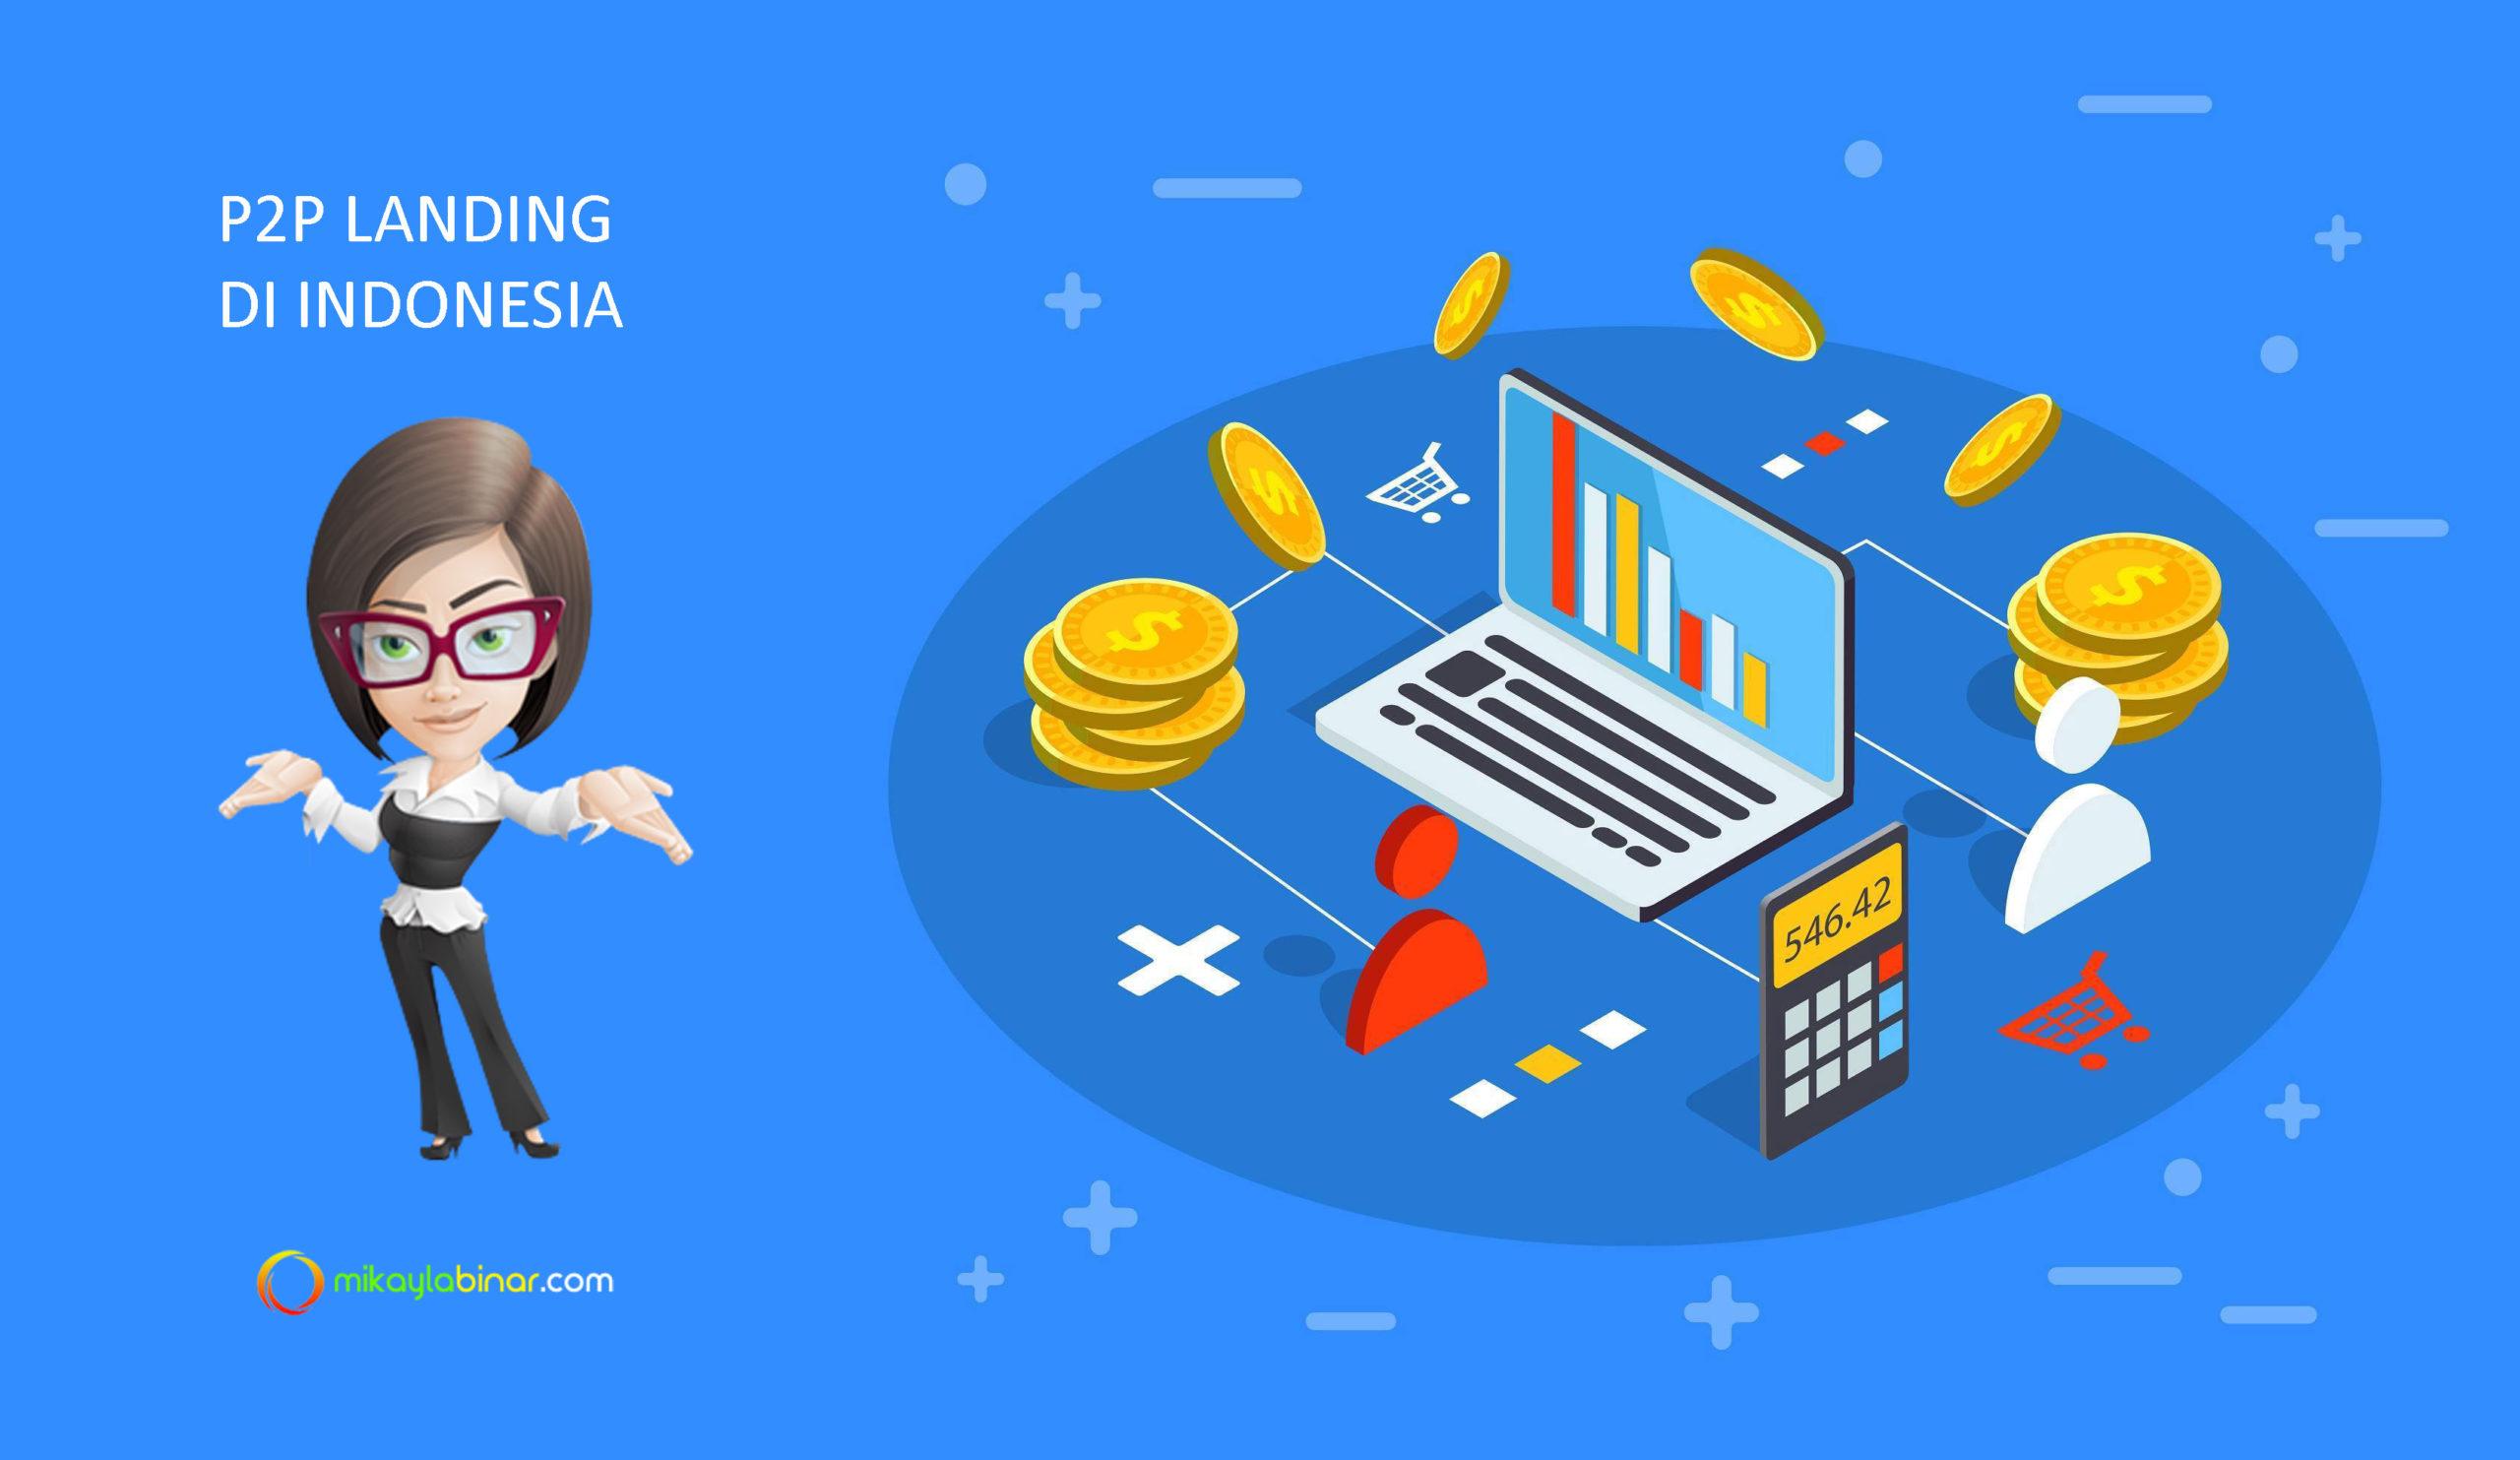 daftar p2p lending di indonesia